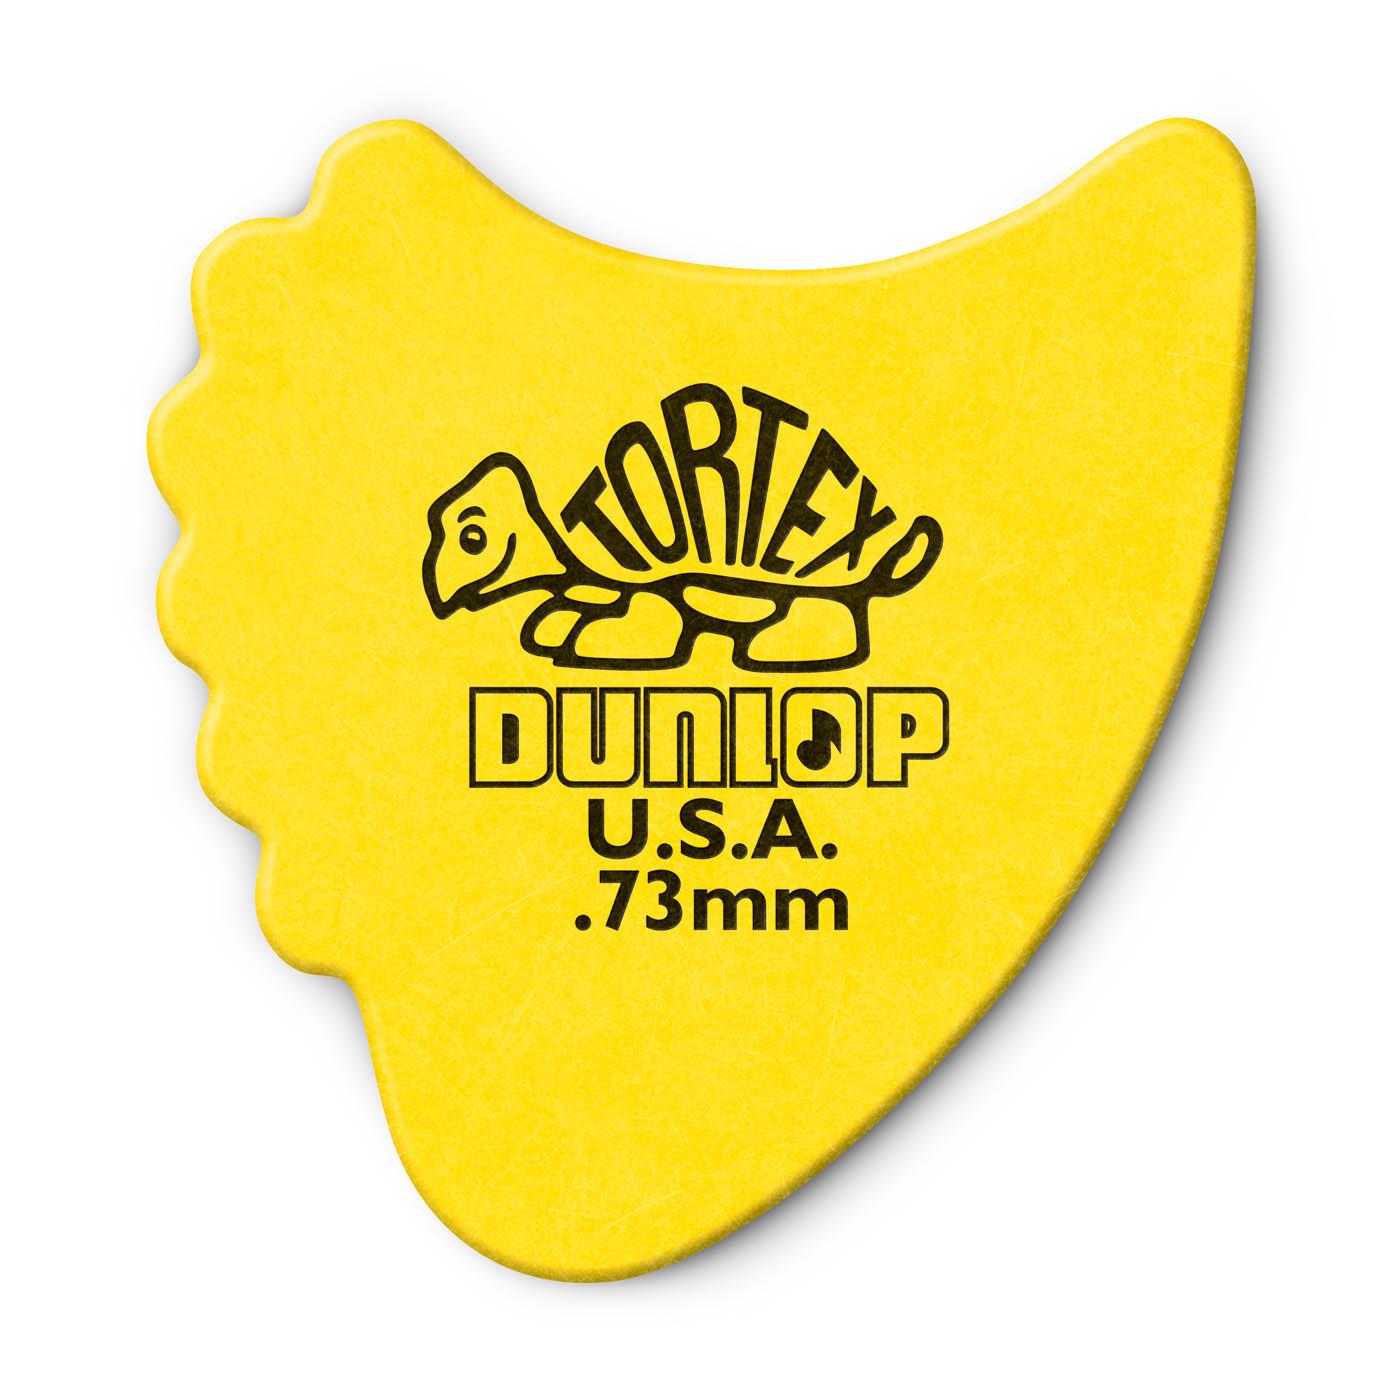 Dunlop - Tortex Fins 0,73 yellow